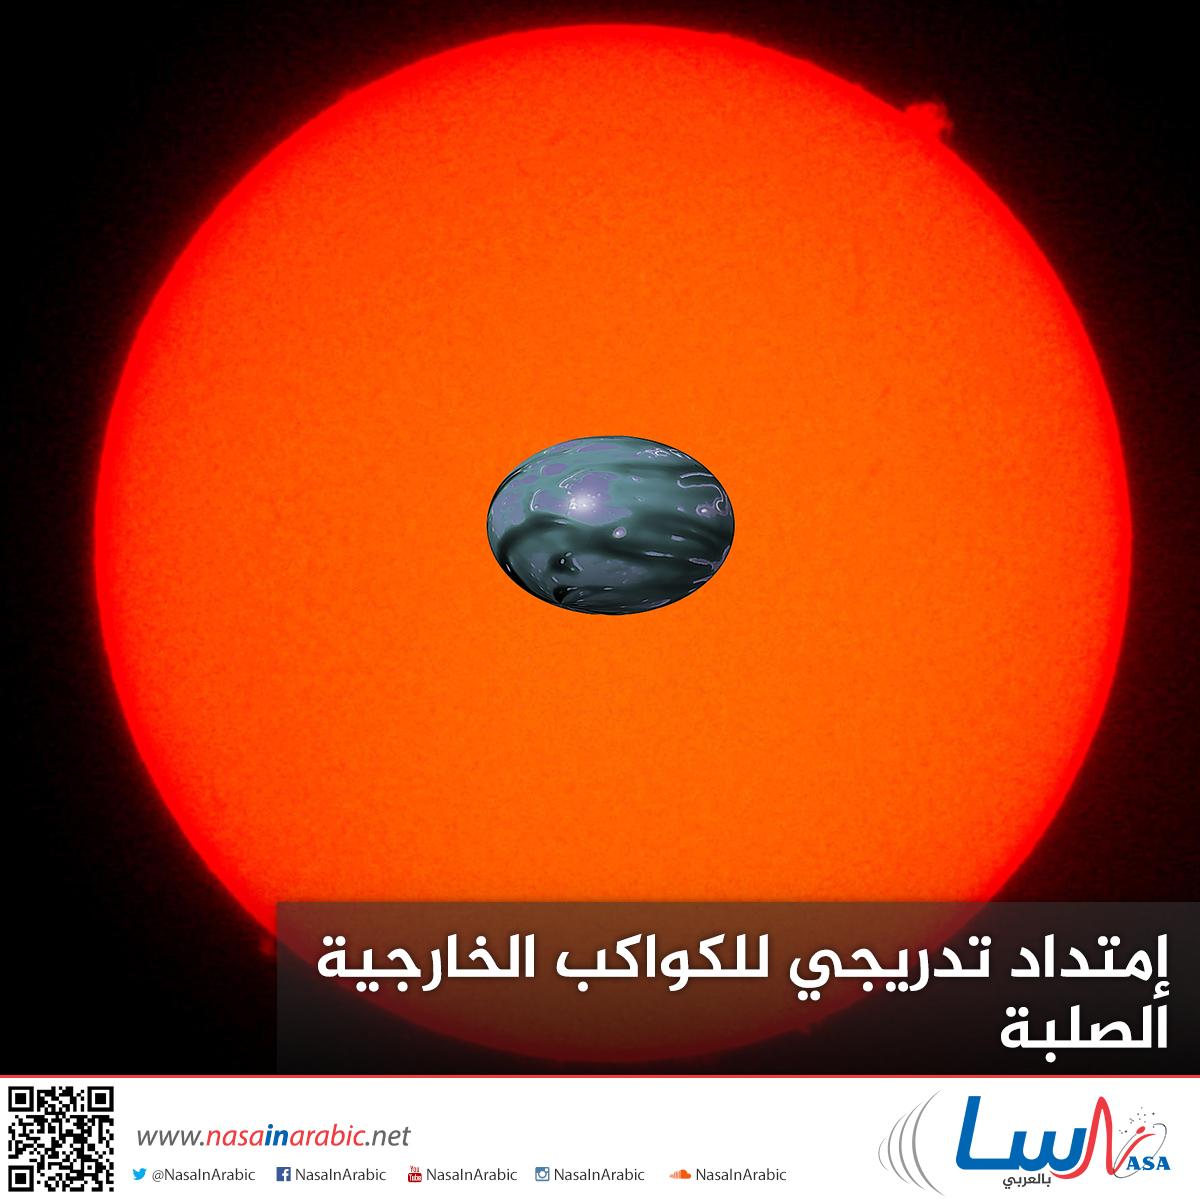 امتداد تدريجي للكواكب الخارجية الصلبة